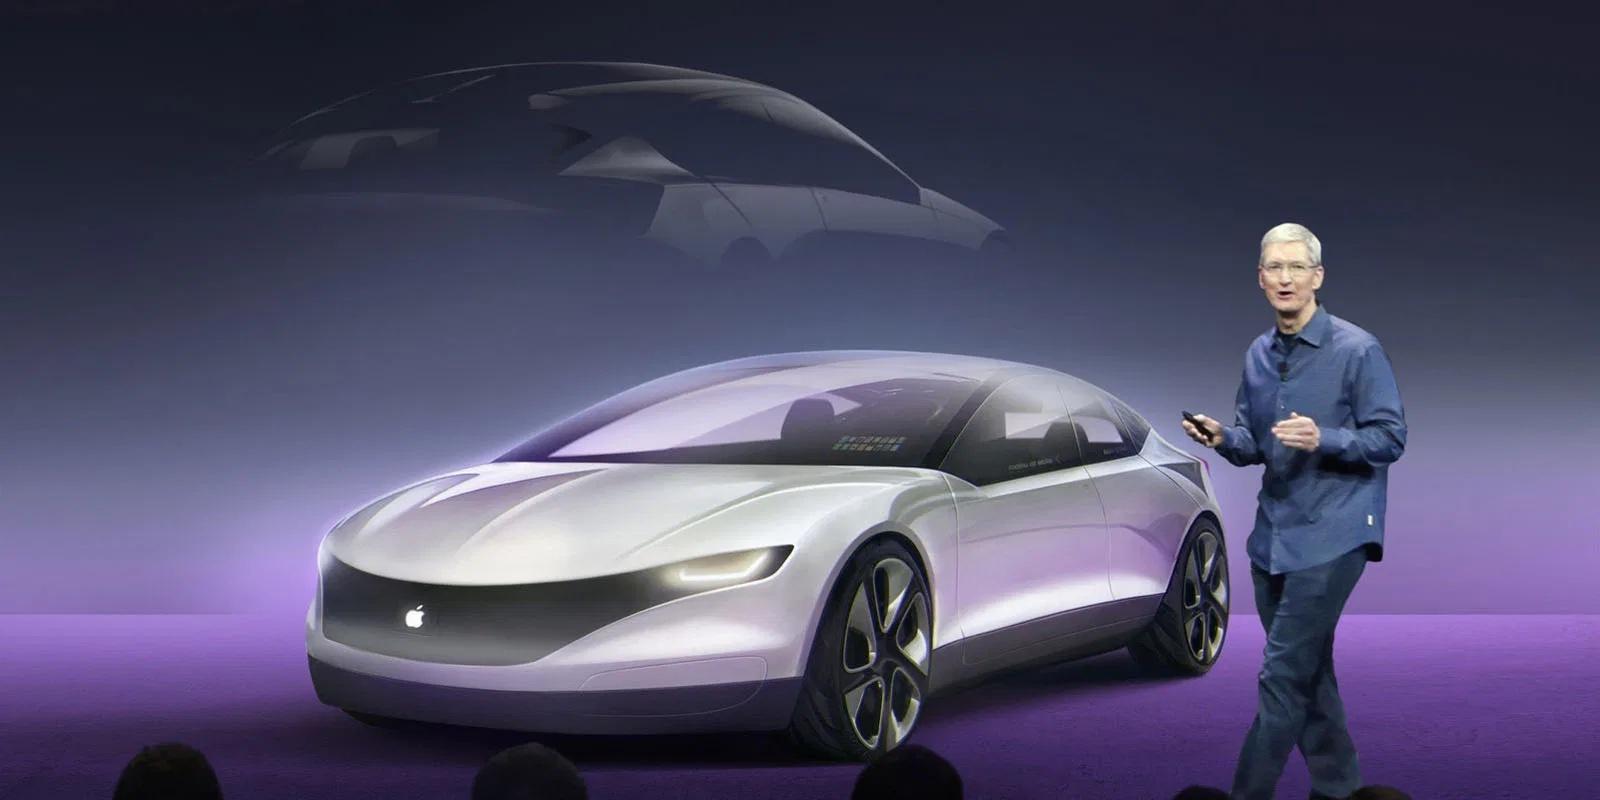 Hyundai официально подтвердила разработку автомобиля Apple